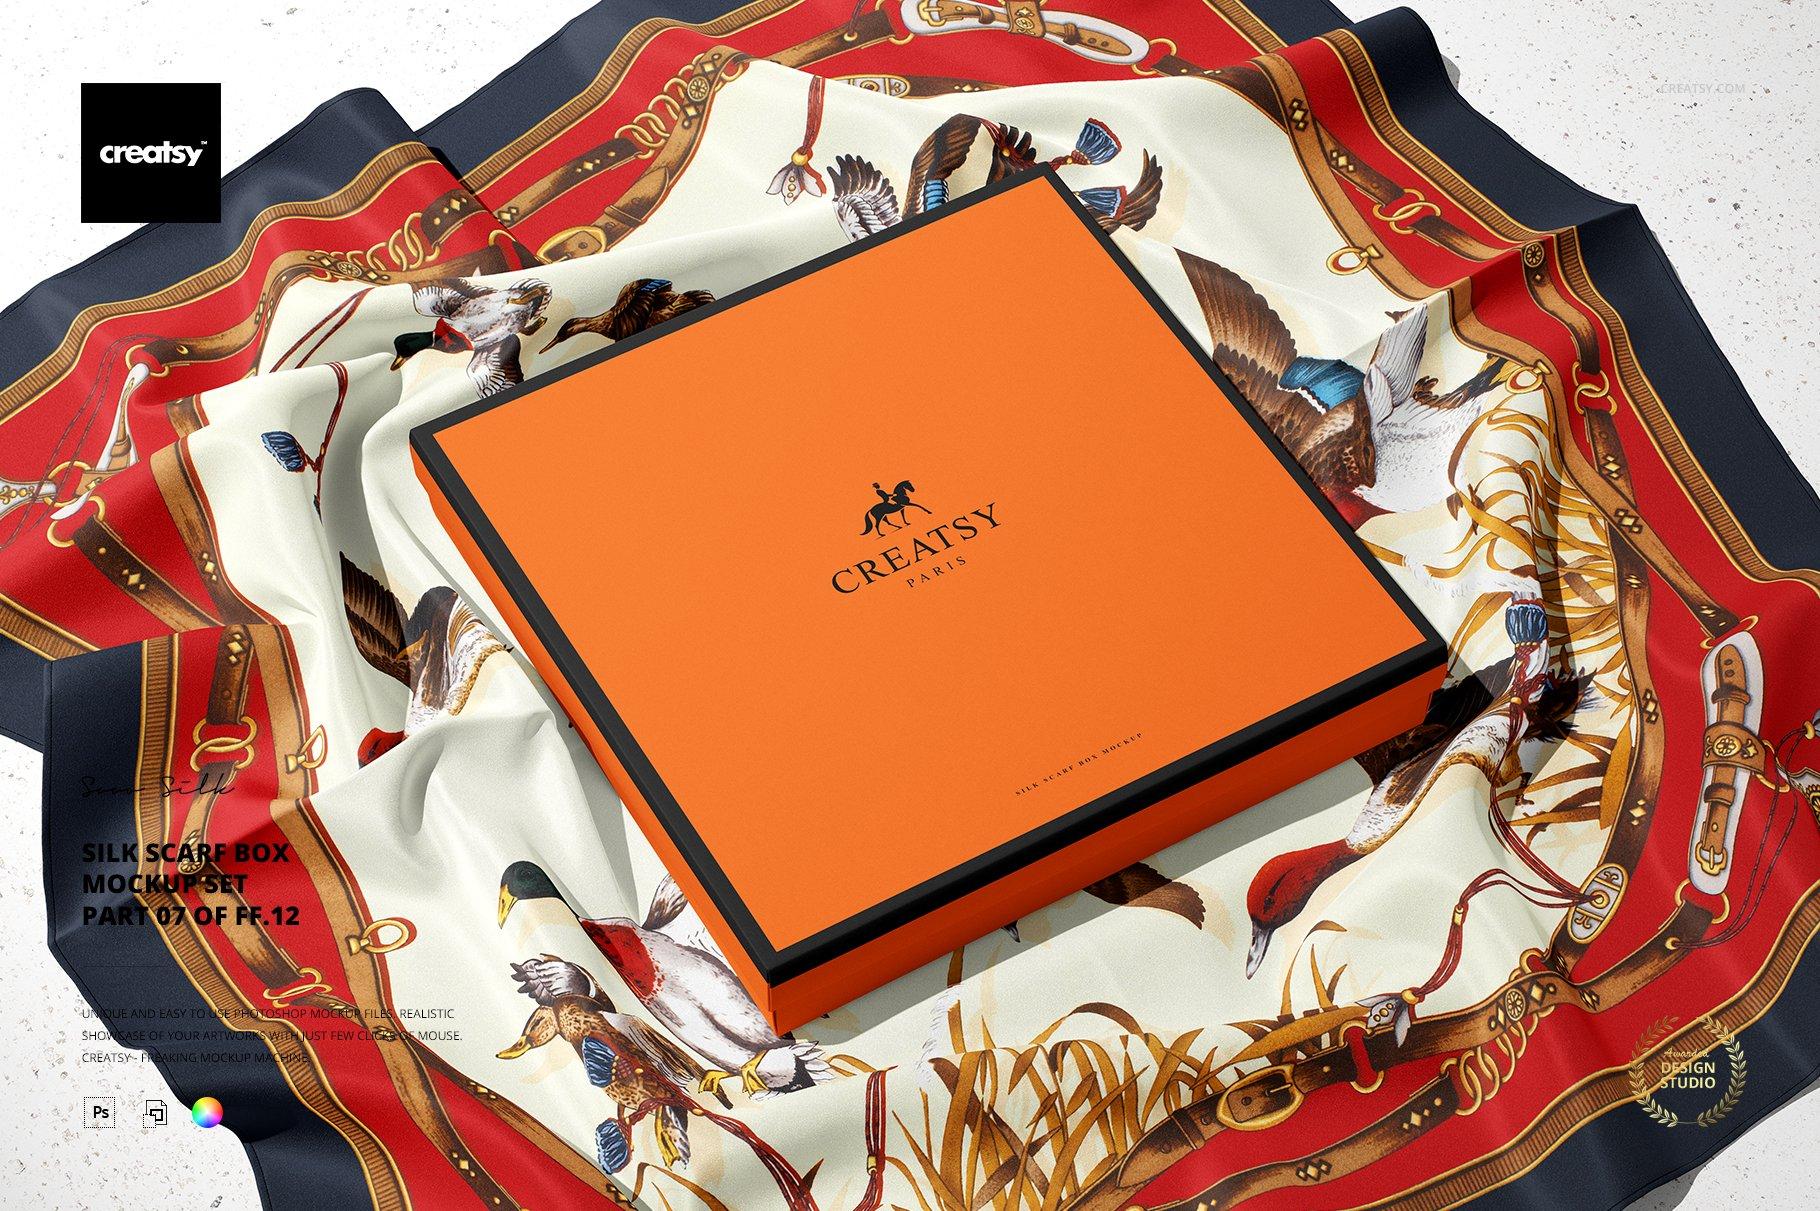 时尚真丝丝绸围巾印花图案设计展示样机 Silk Scarf Box Mockup Set 07/FFv.12插图